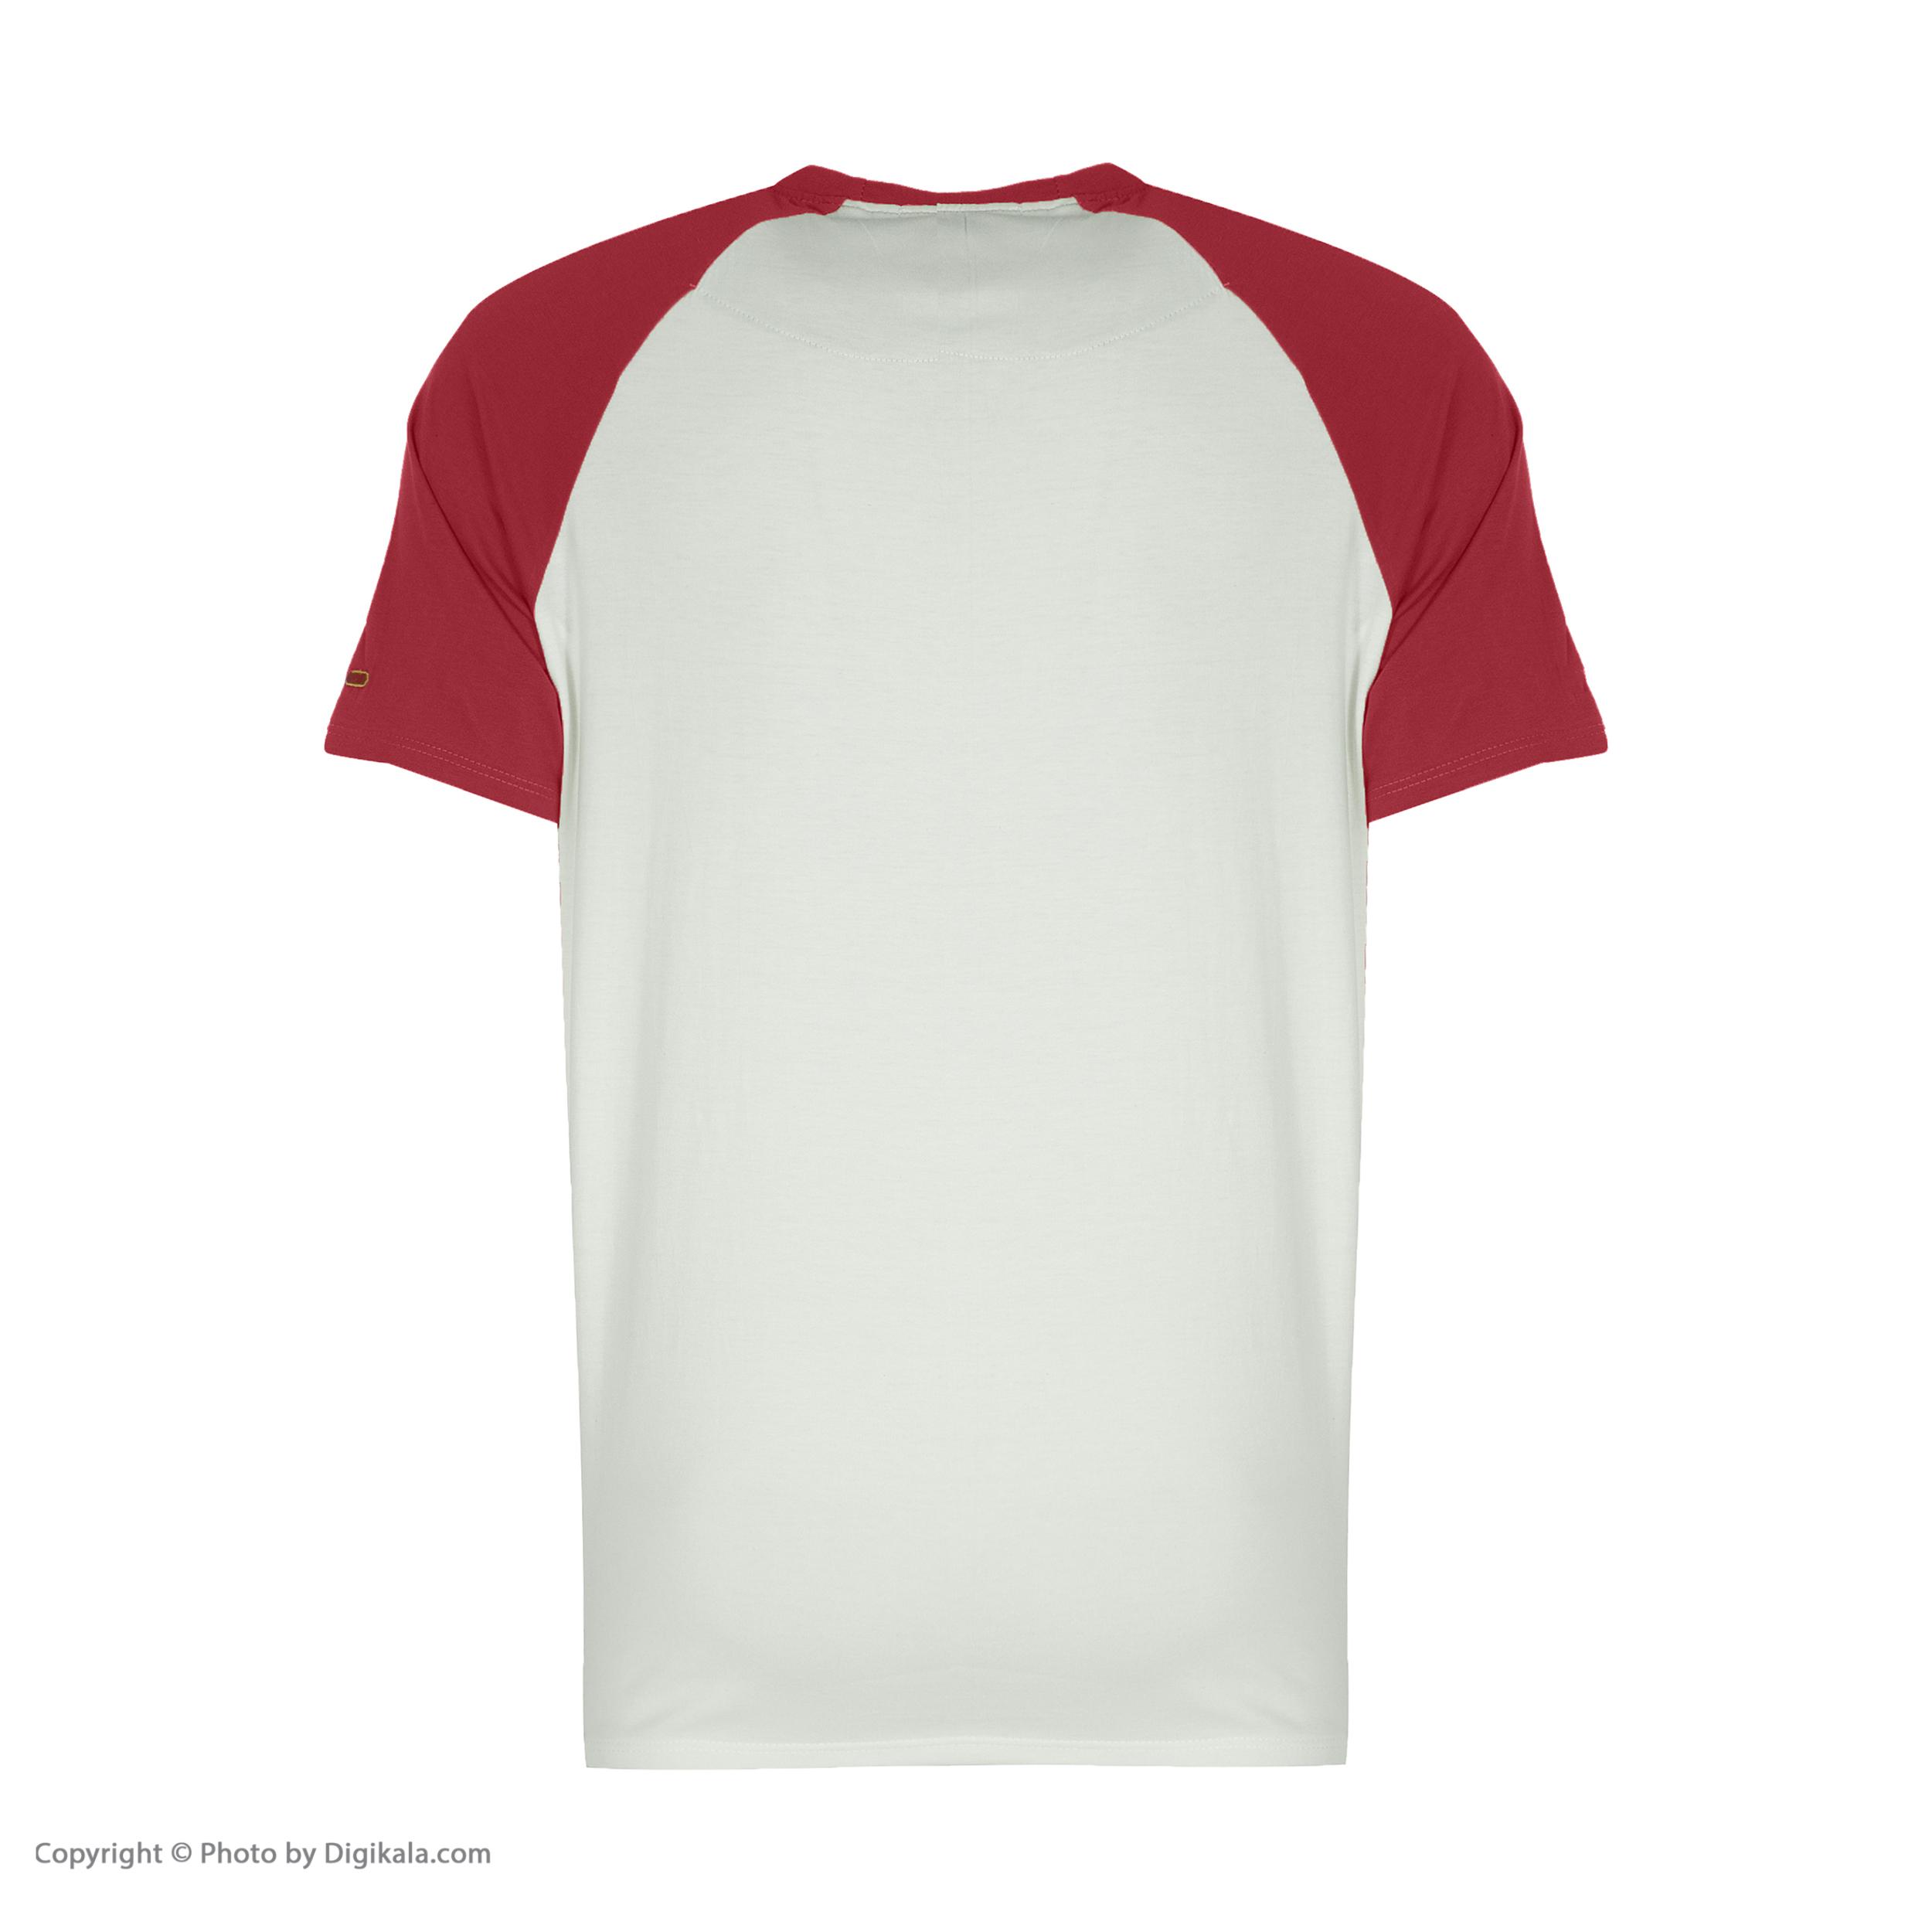 ست تی شرت و شلوارک راحتی مردانه مادر مدل 2041107-74 -  - 6